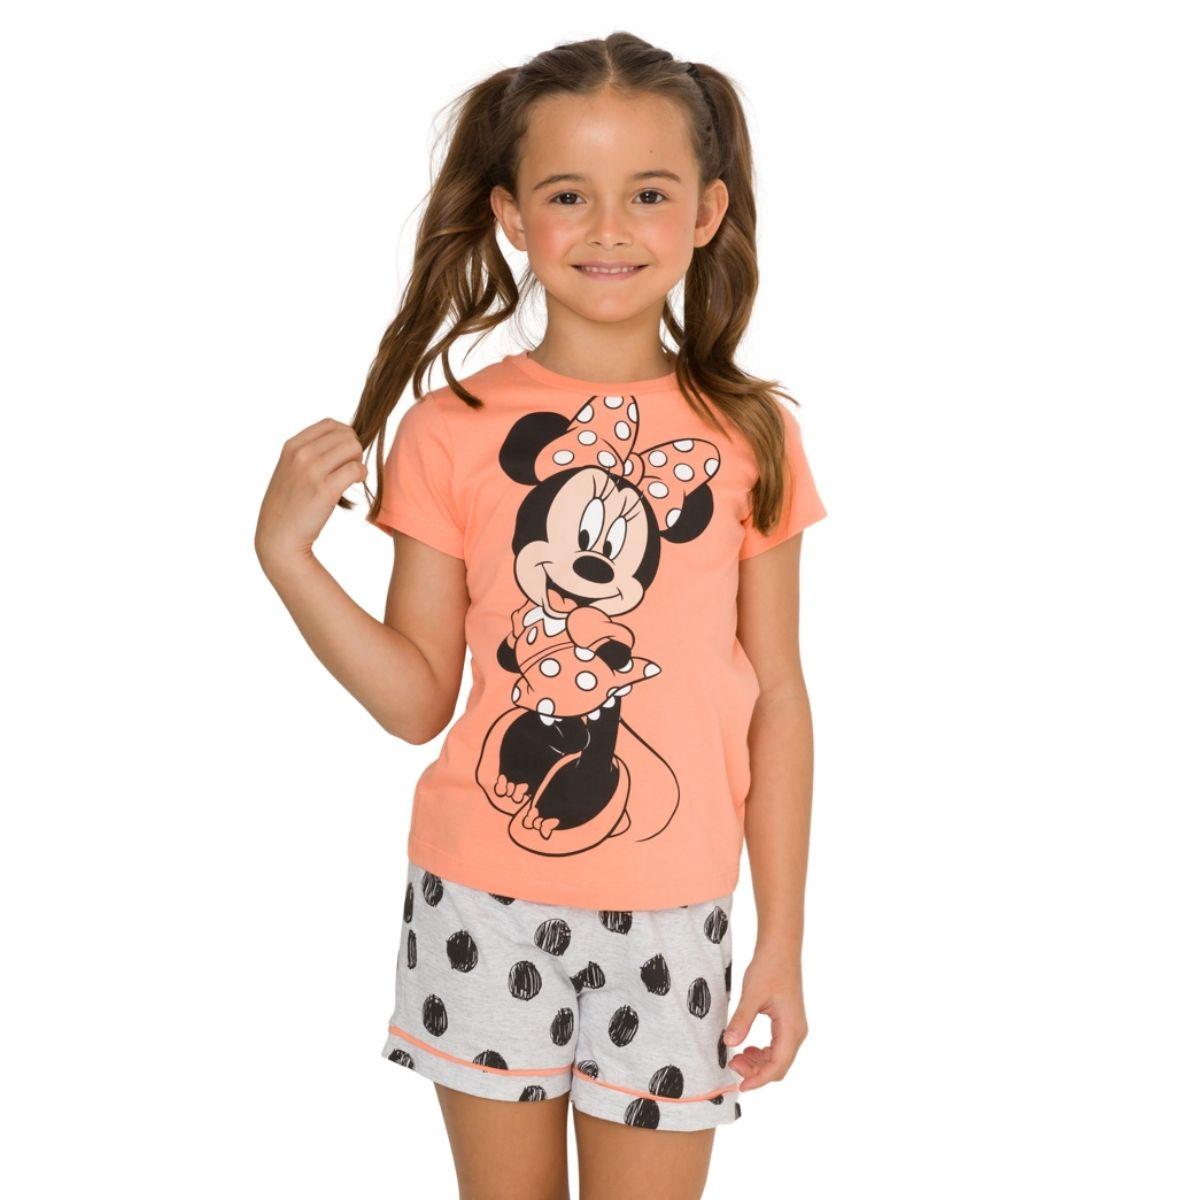 Pijama infantil menina de calor minnie poa estiloso disney